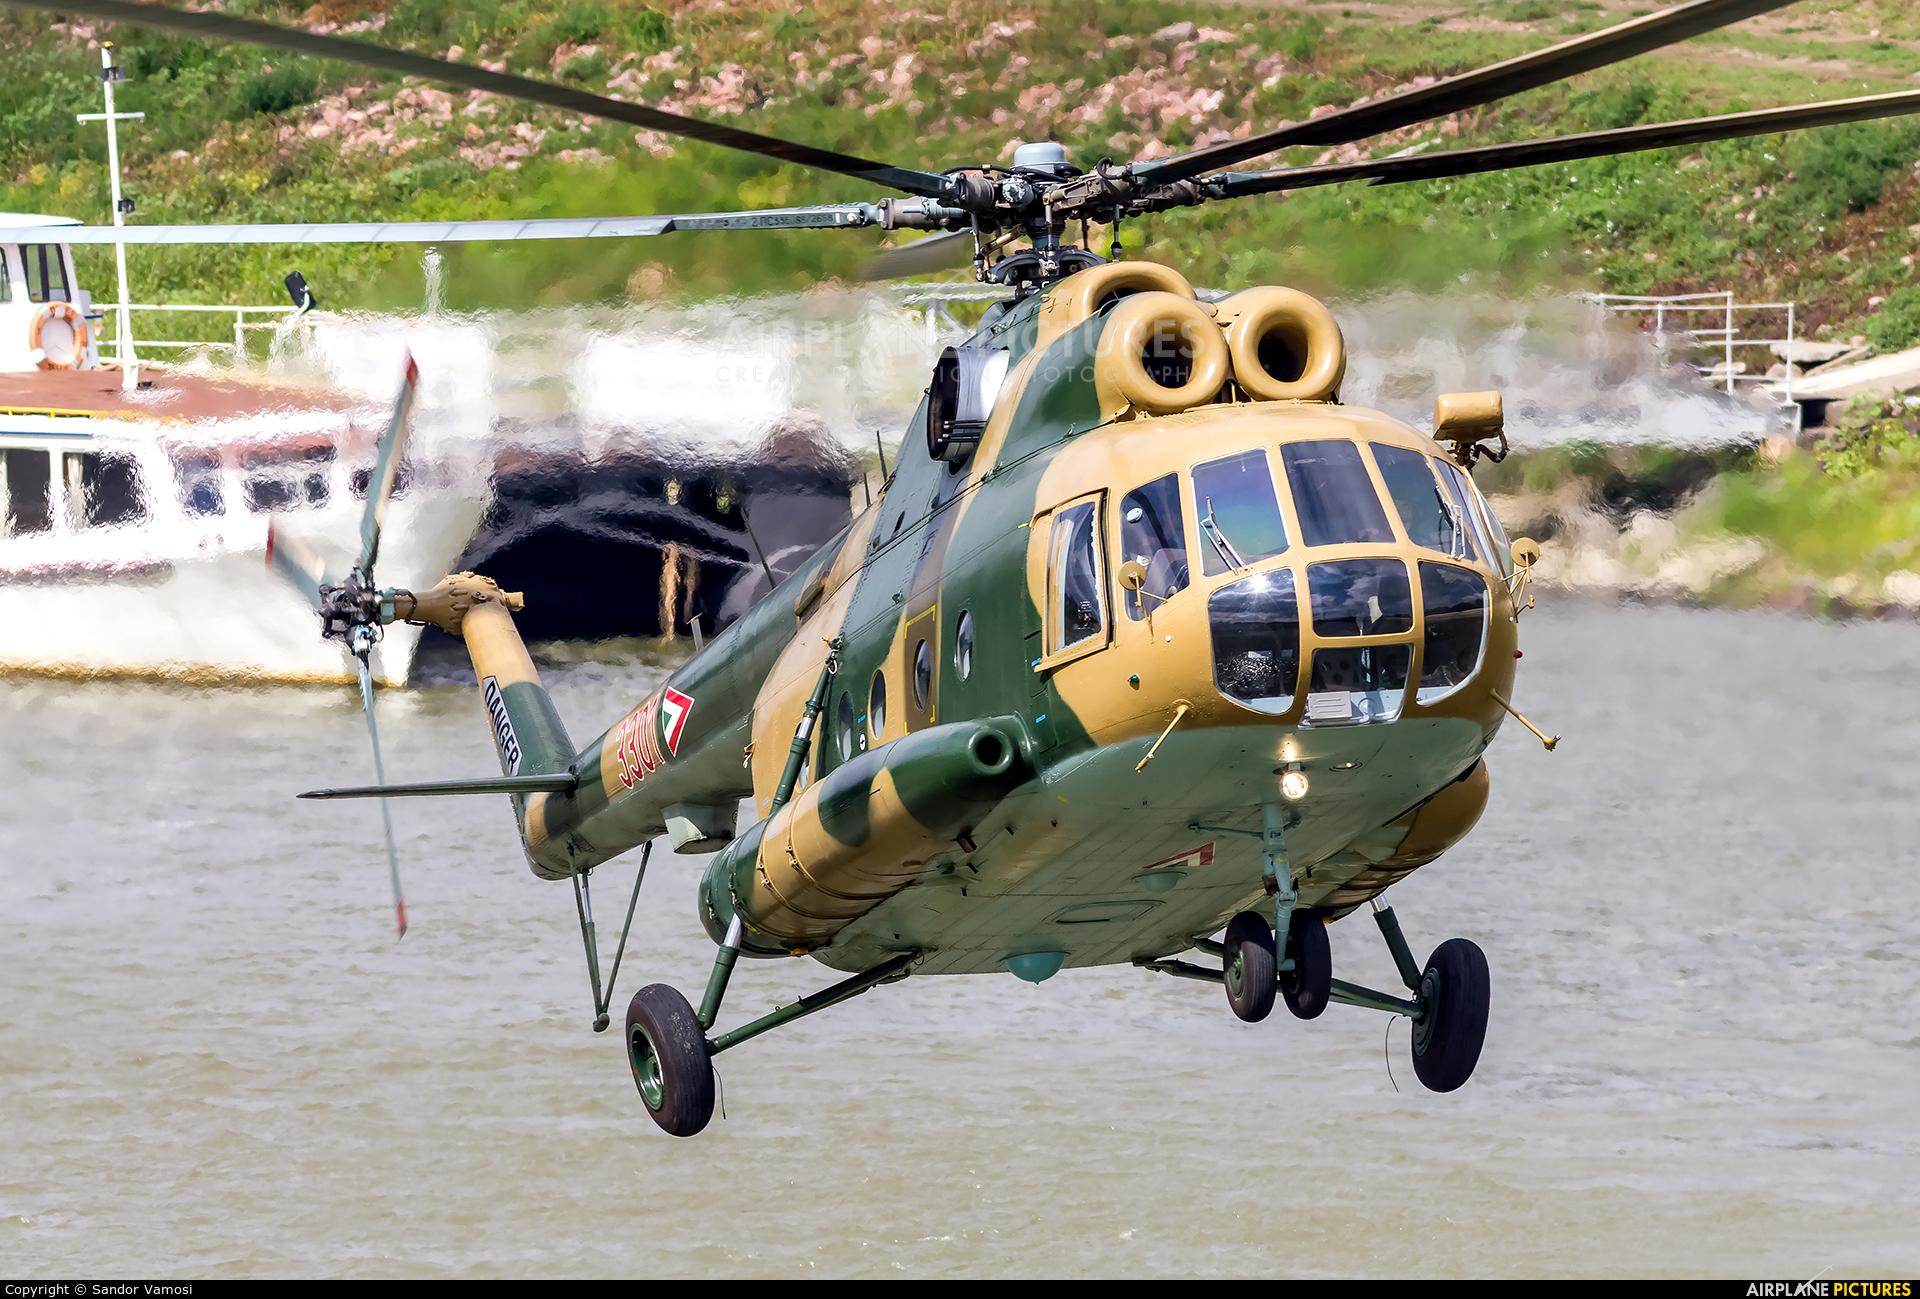 Hungary - Air Force 3301 aircraft at Off Airport - Hungary